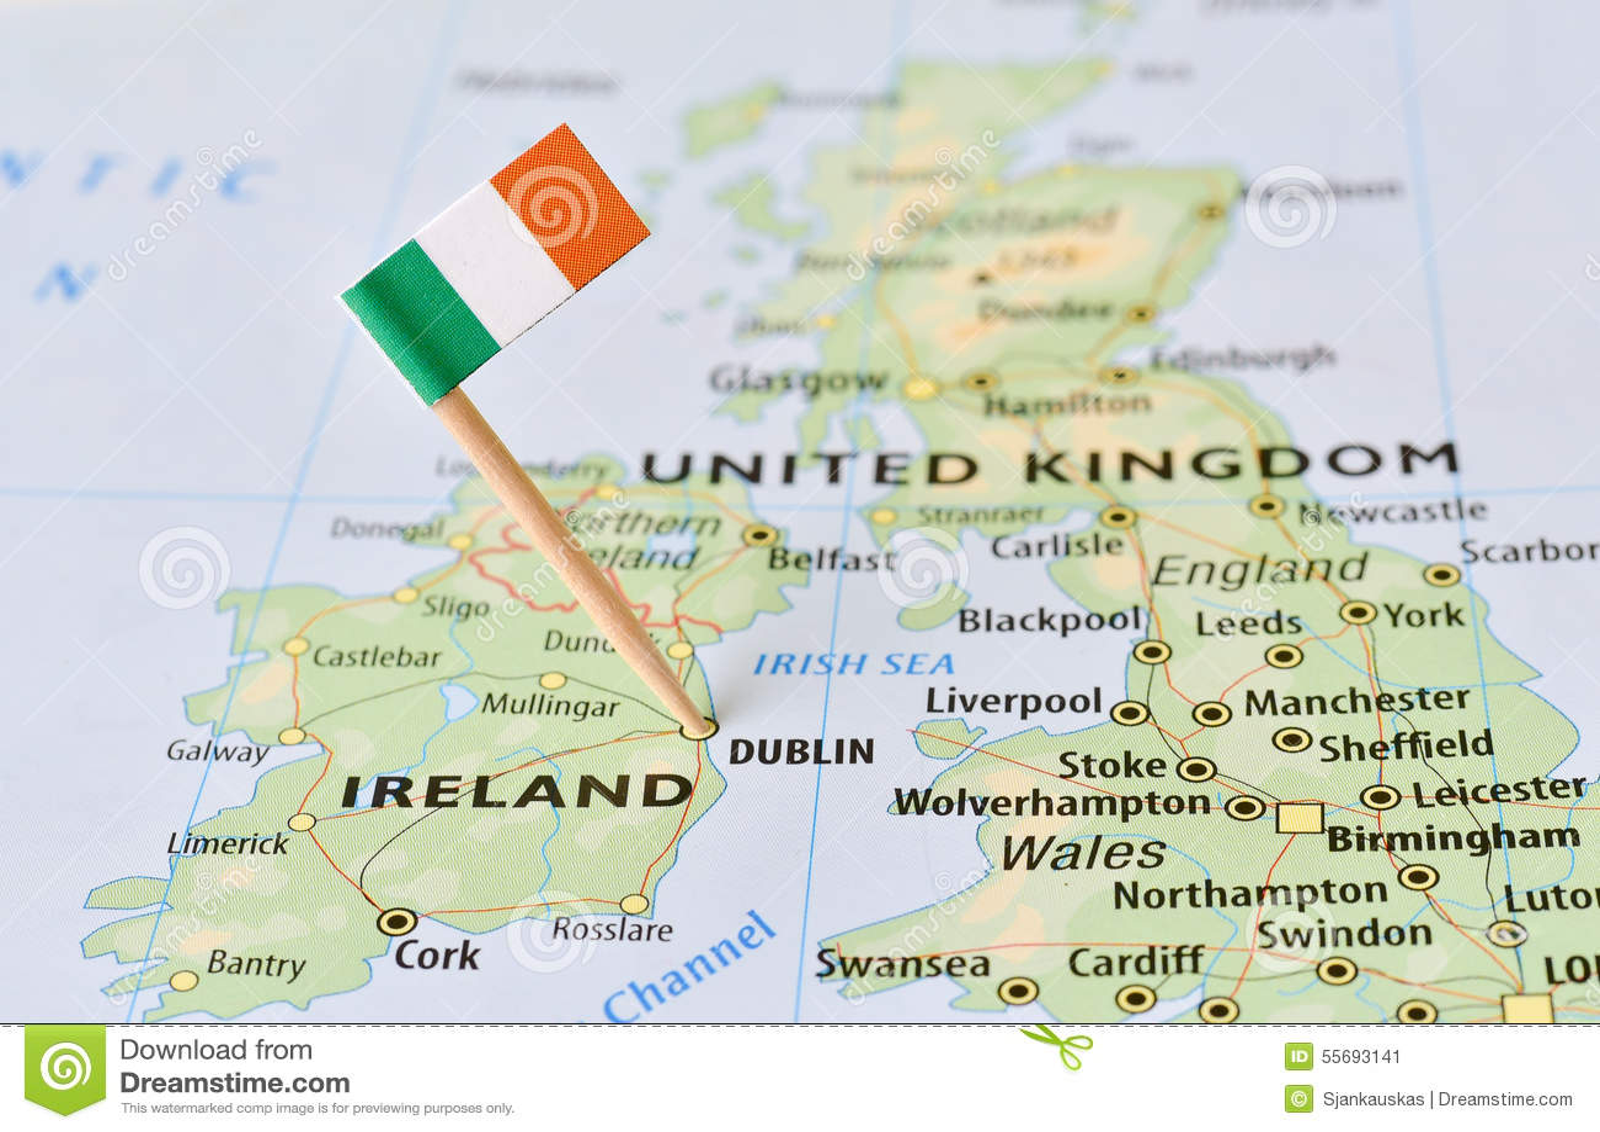 Cartina Geografica Dell Irlanda.Bandiera Dell Irlanda Sulla Mappa Immagine Stock Immagine Di Atlantico Geografico 55693141